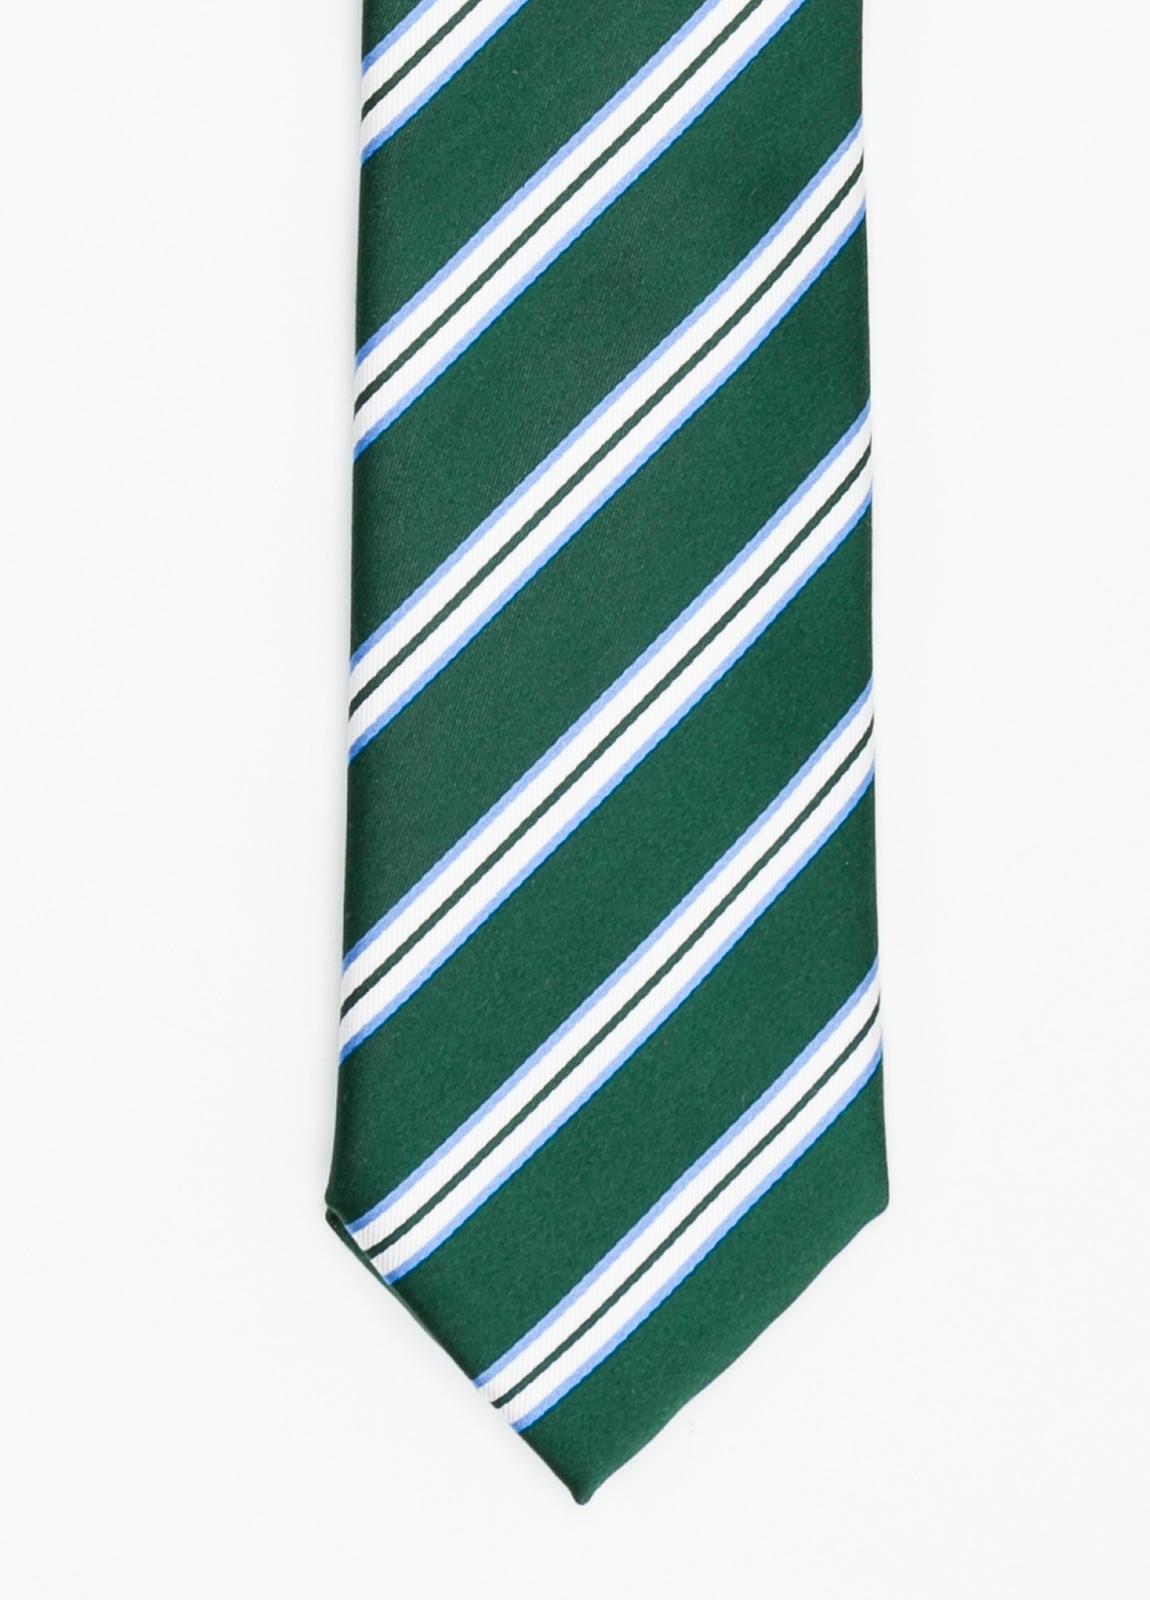 Corbata Formal Wear rayas en diagonal color verde. Pala 7,5 cm. 100% Seda.